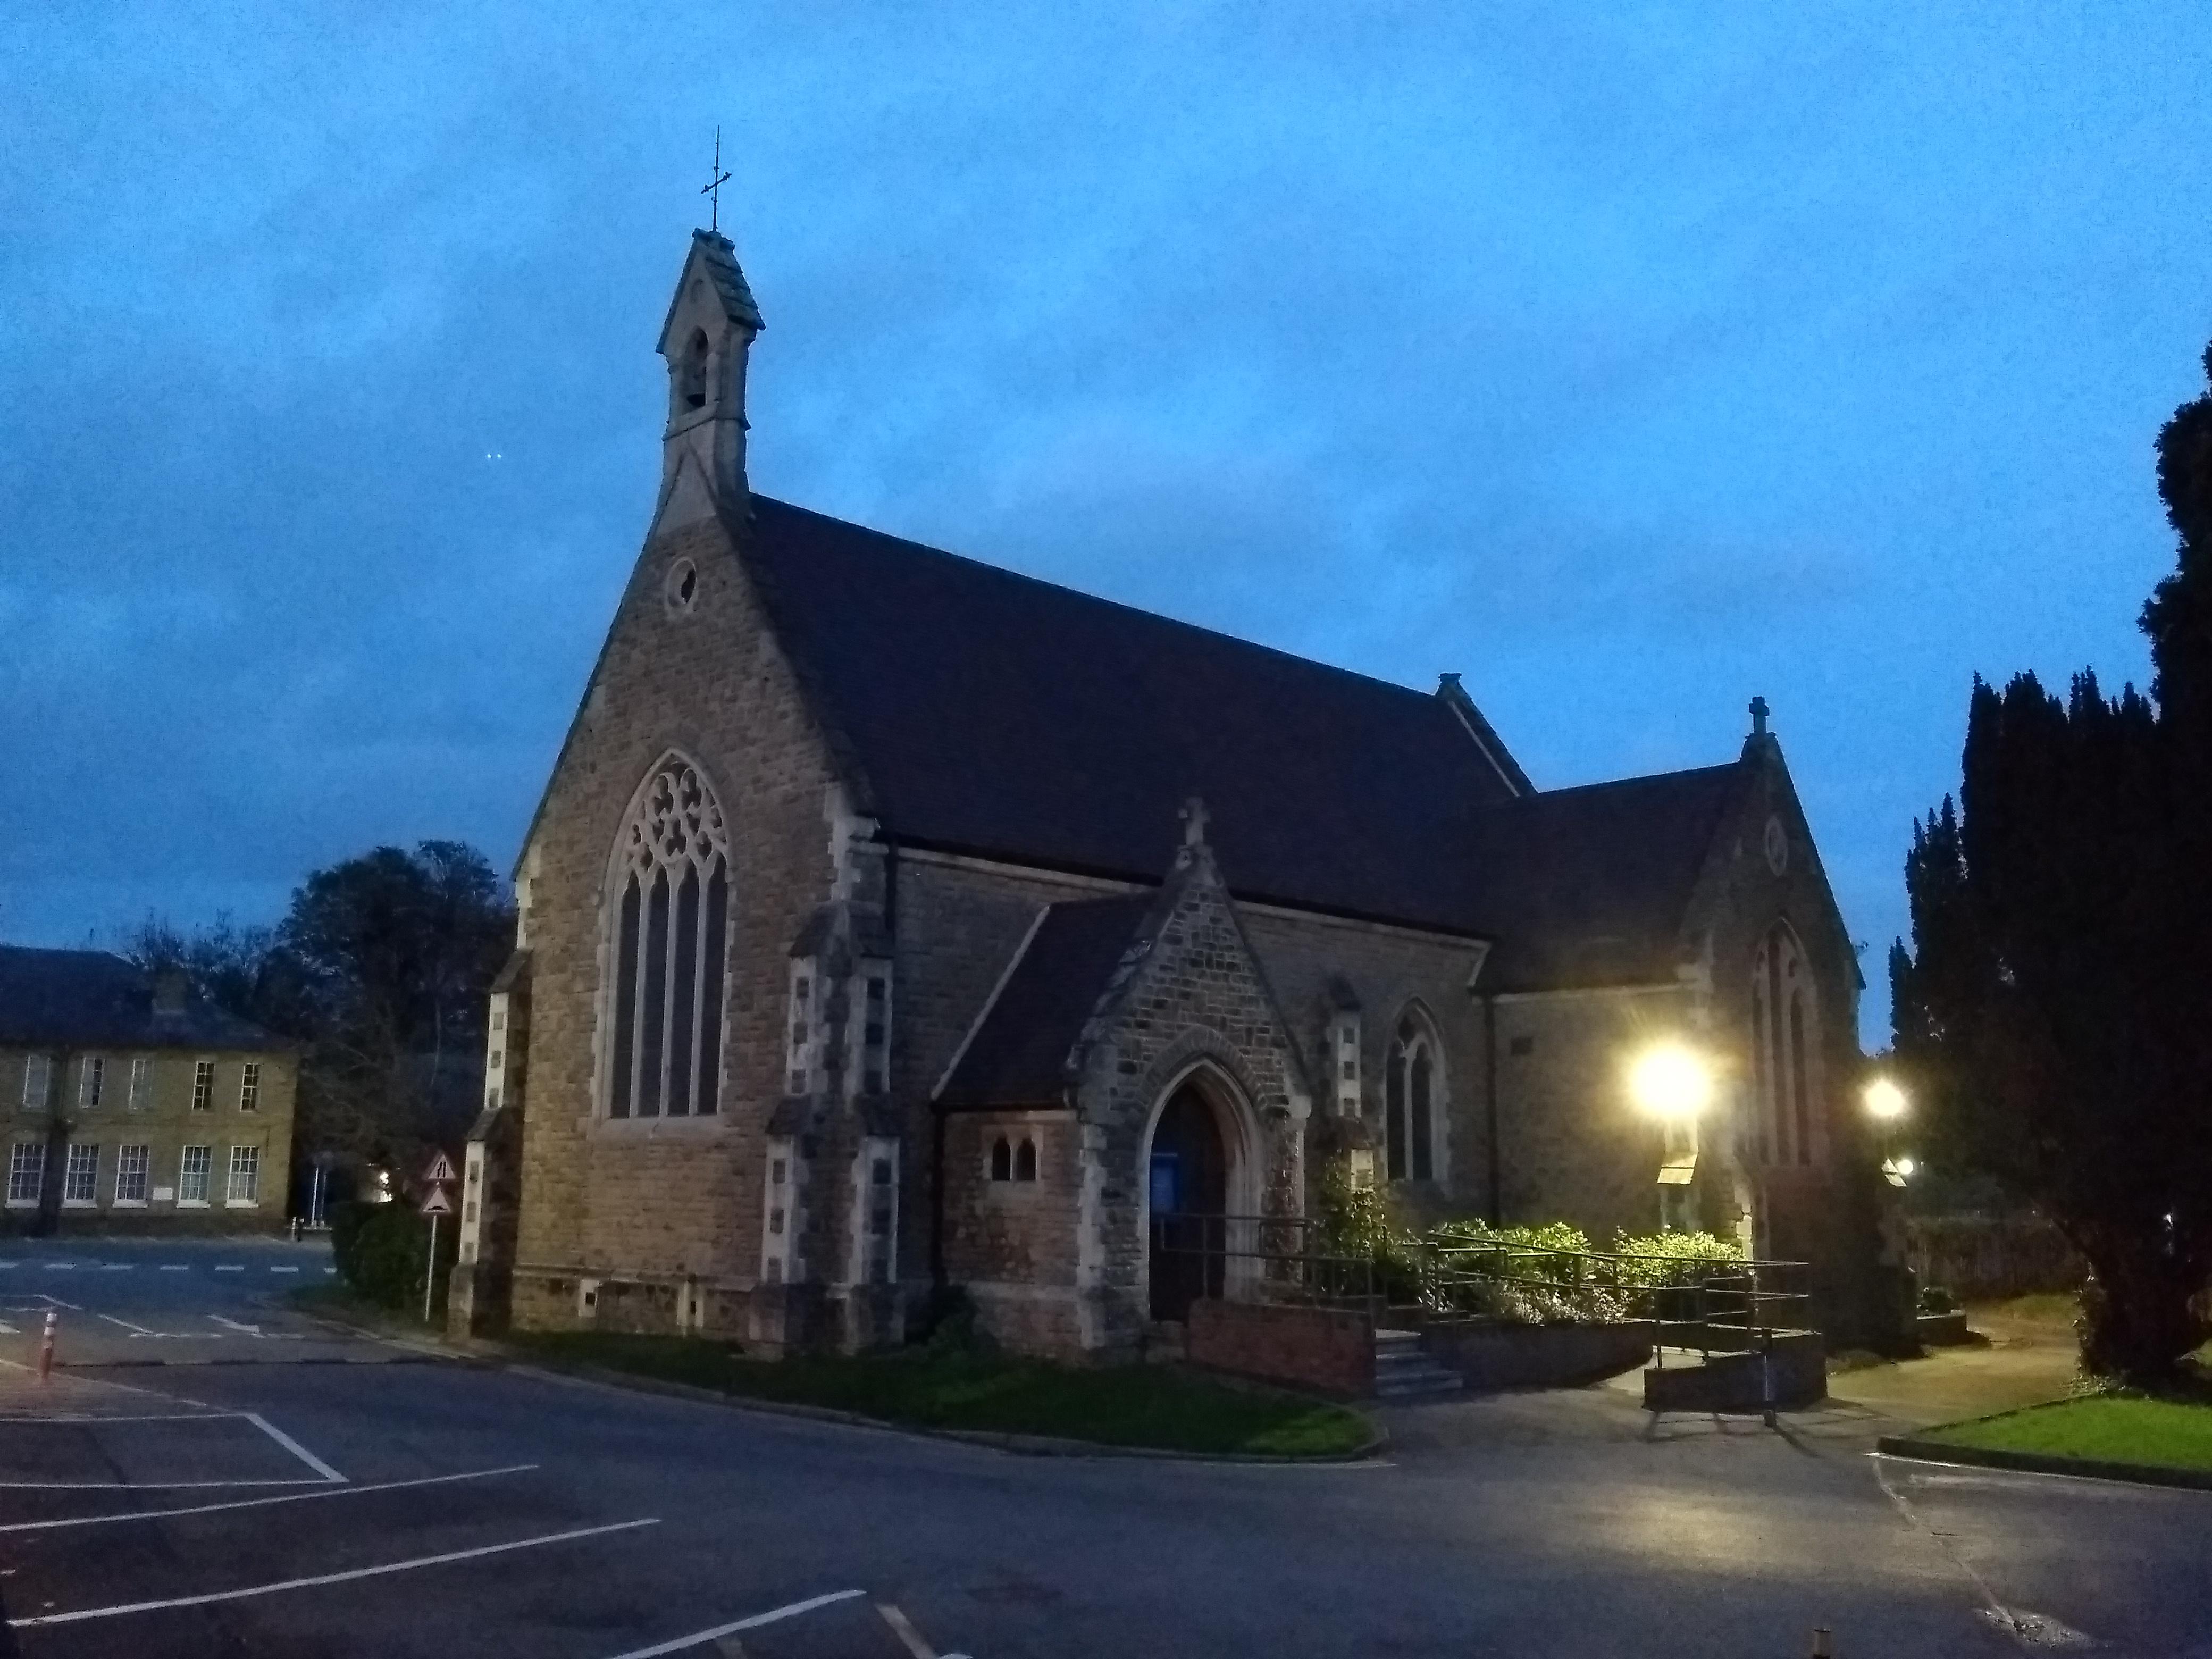 St Marks Hospital Church